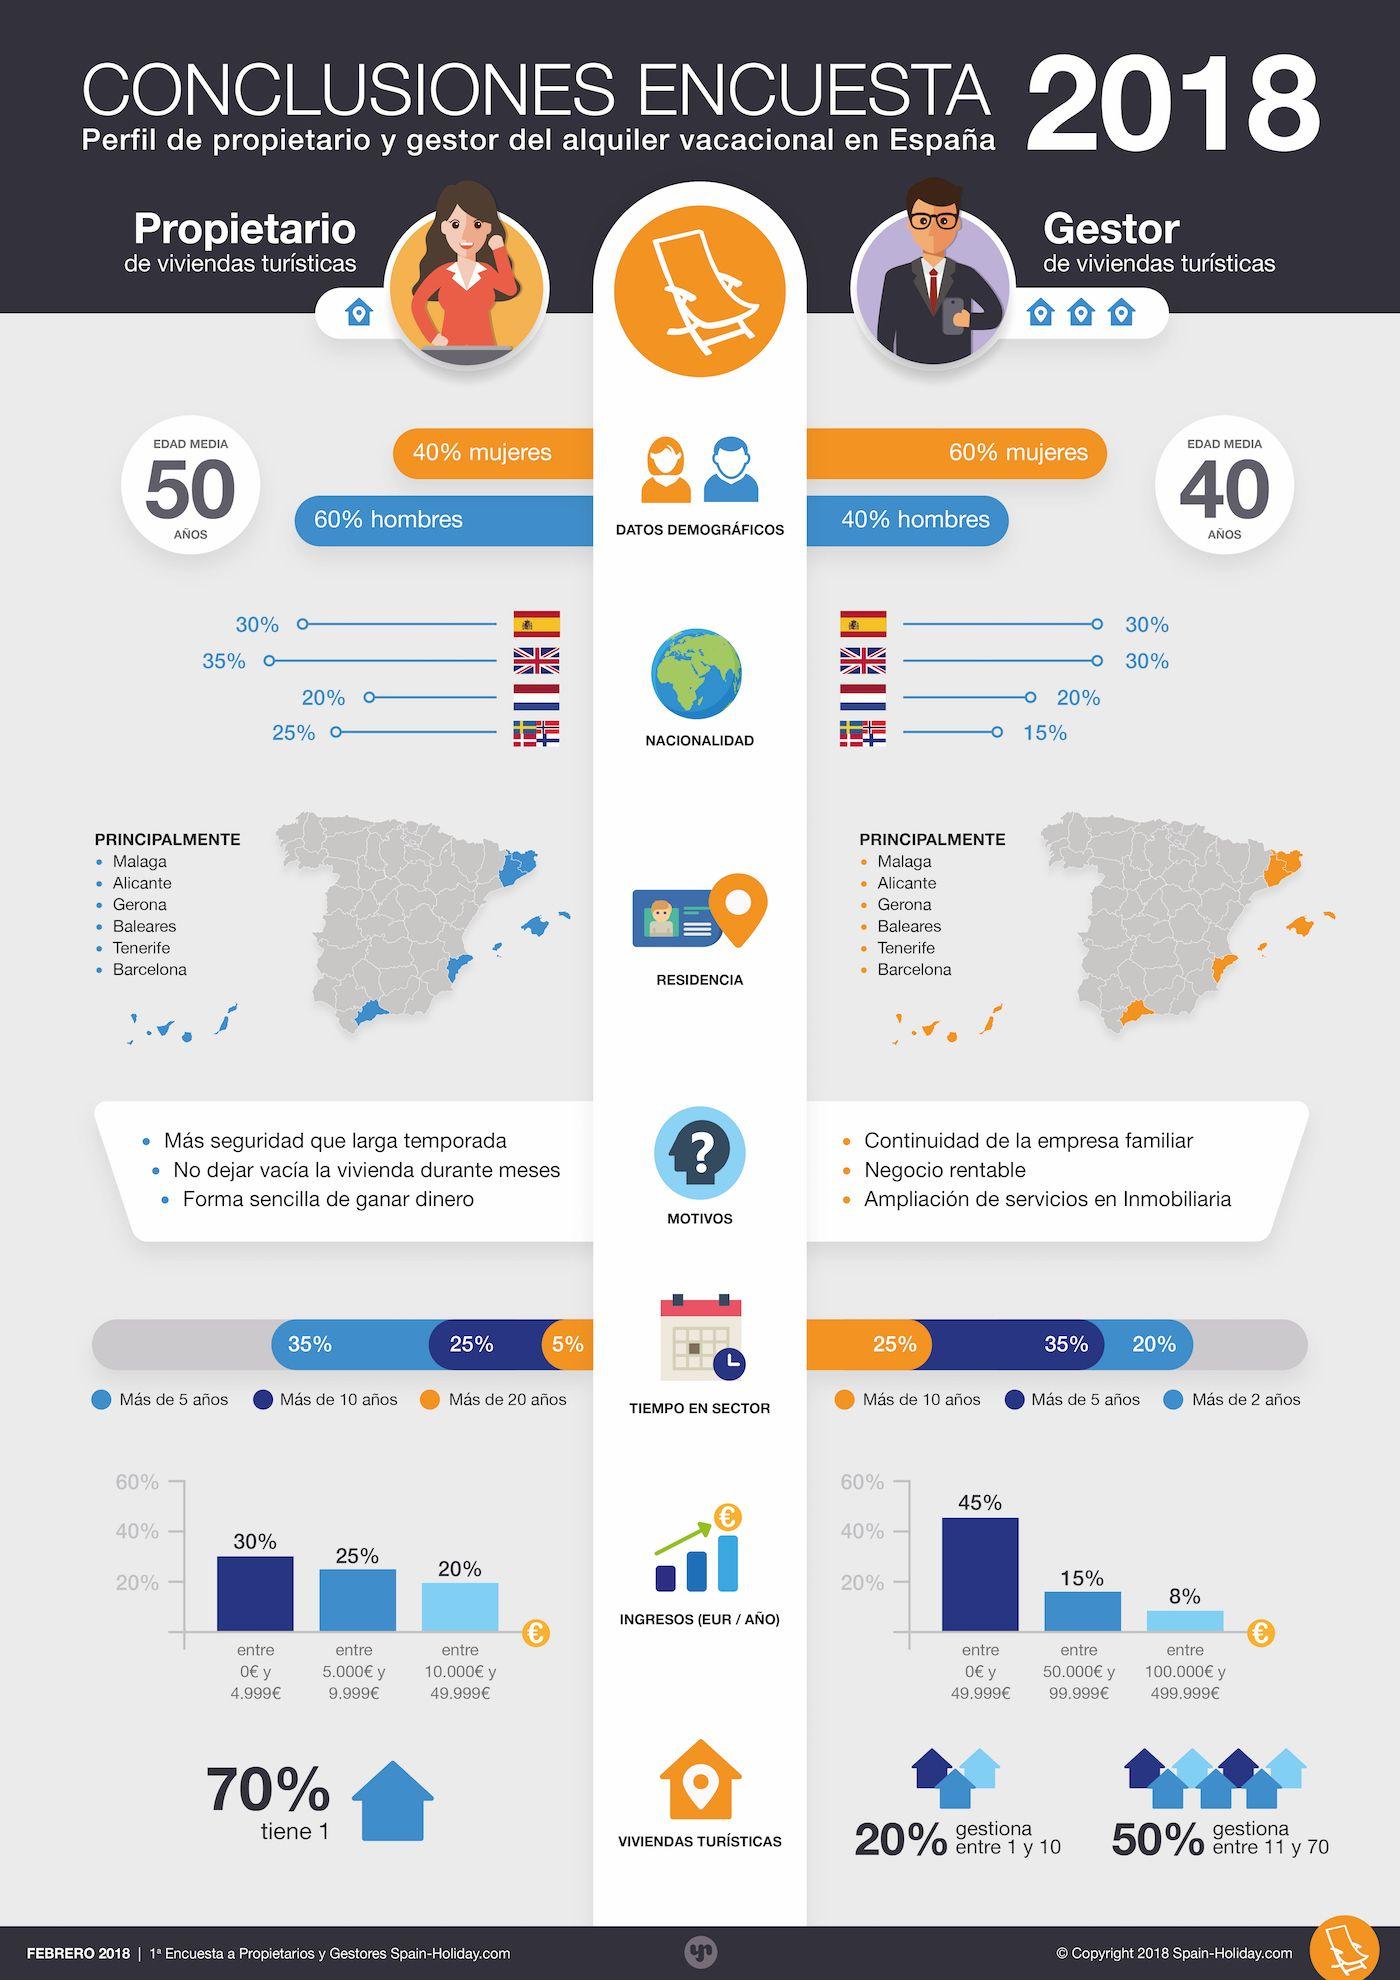 Perfil del propietario y del gestor de alquiler vacacional en España #infografia #tourism